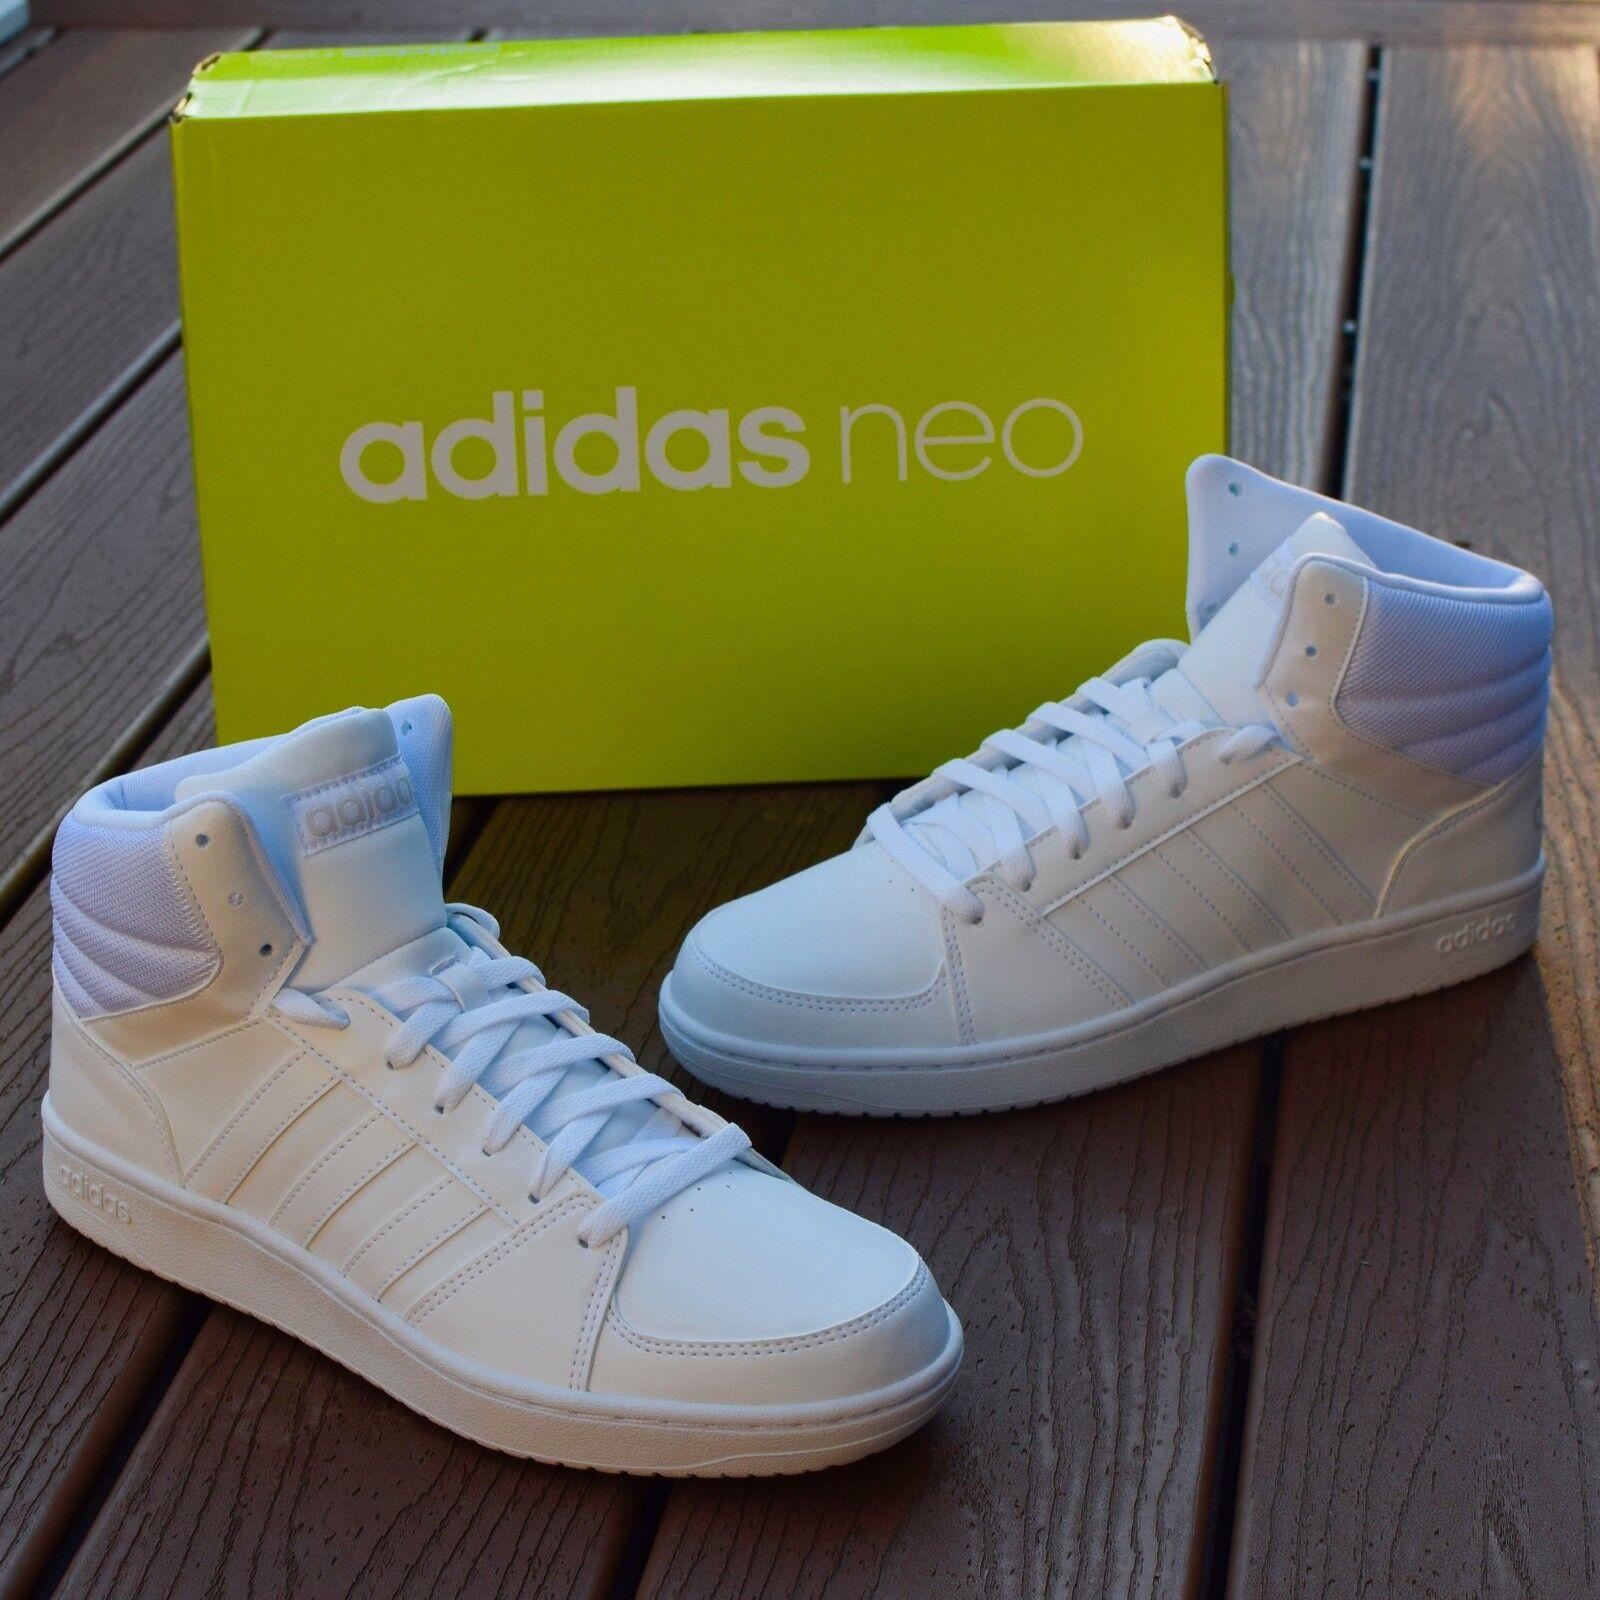 Adidas weißen vs. größe hoops mitte cg5711, alle weißen Adidas größe vs. 10,5 ... ee0f44